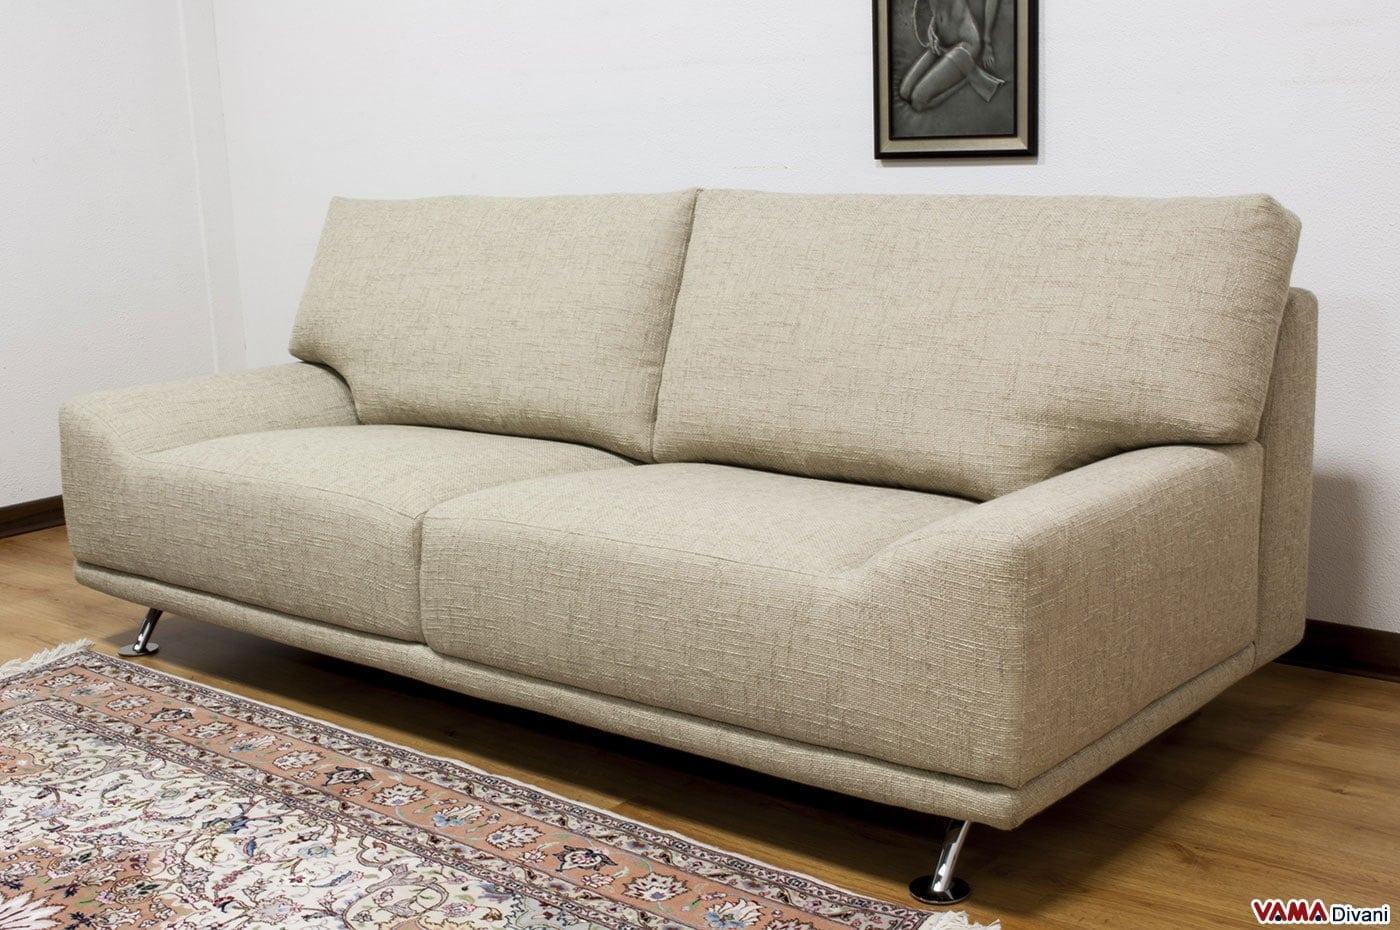 Divano moderno in tessuto sfoderabile senza braccioli - Divano letto senza braccioli ...